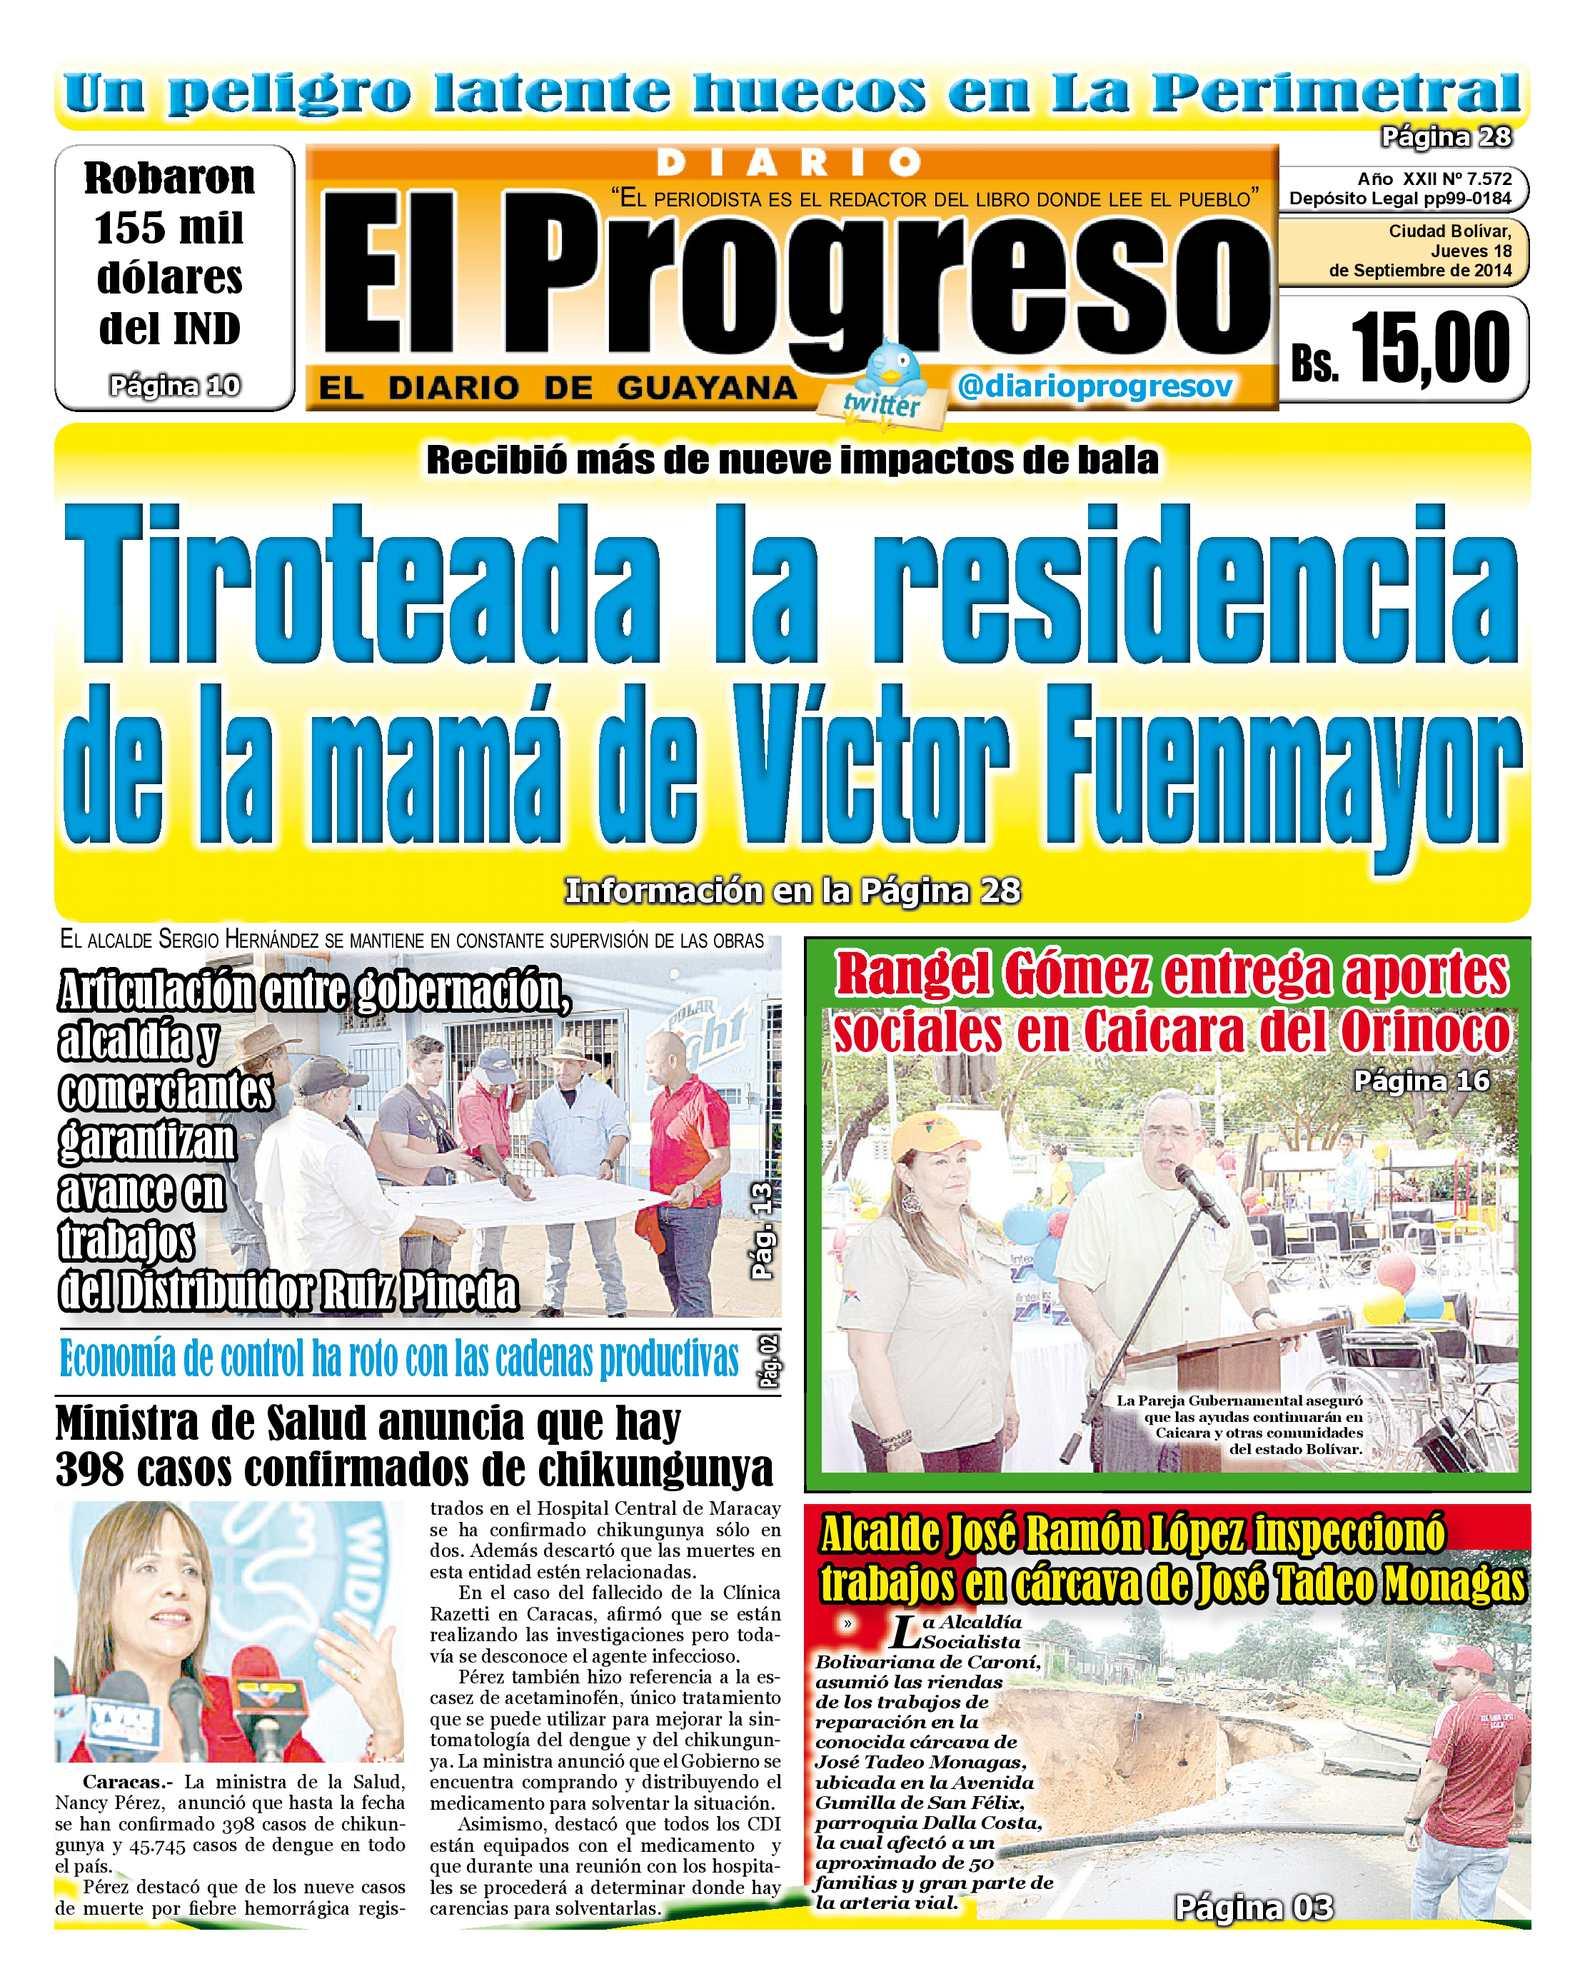 24c388aacf9 Calaméo - DIARIO EL PROGRESO EDICIÓN DIGITAL 18-09-2014